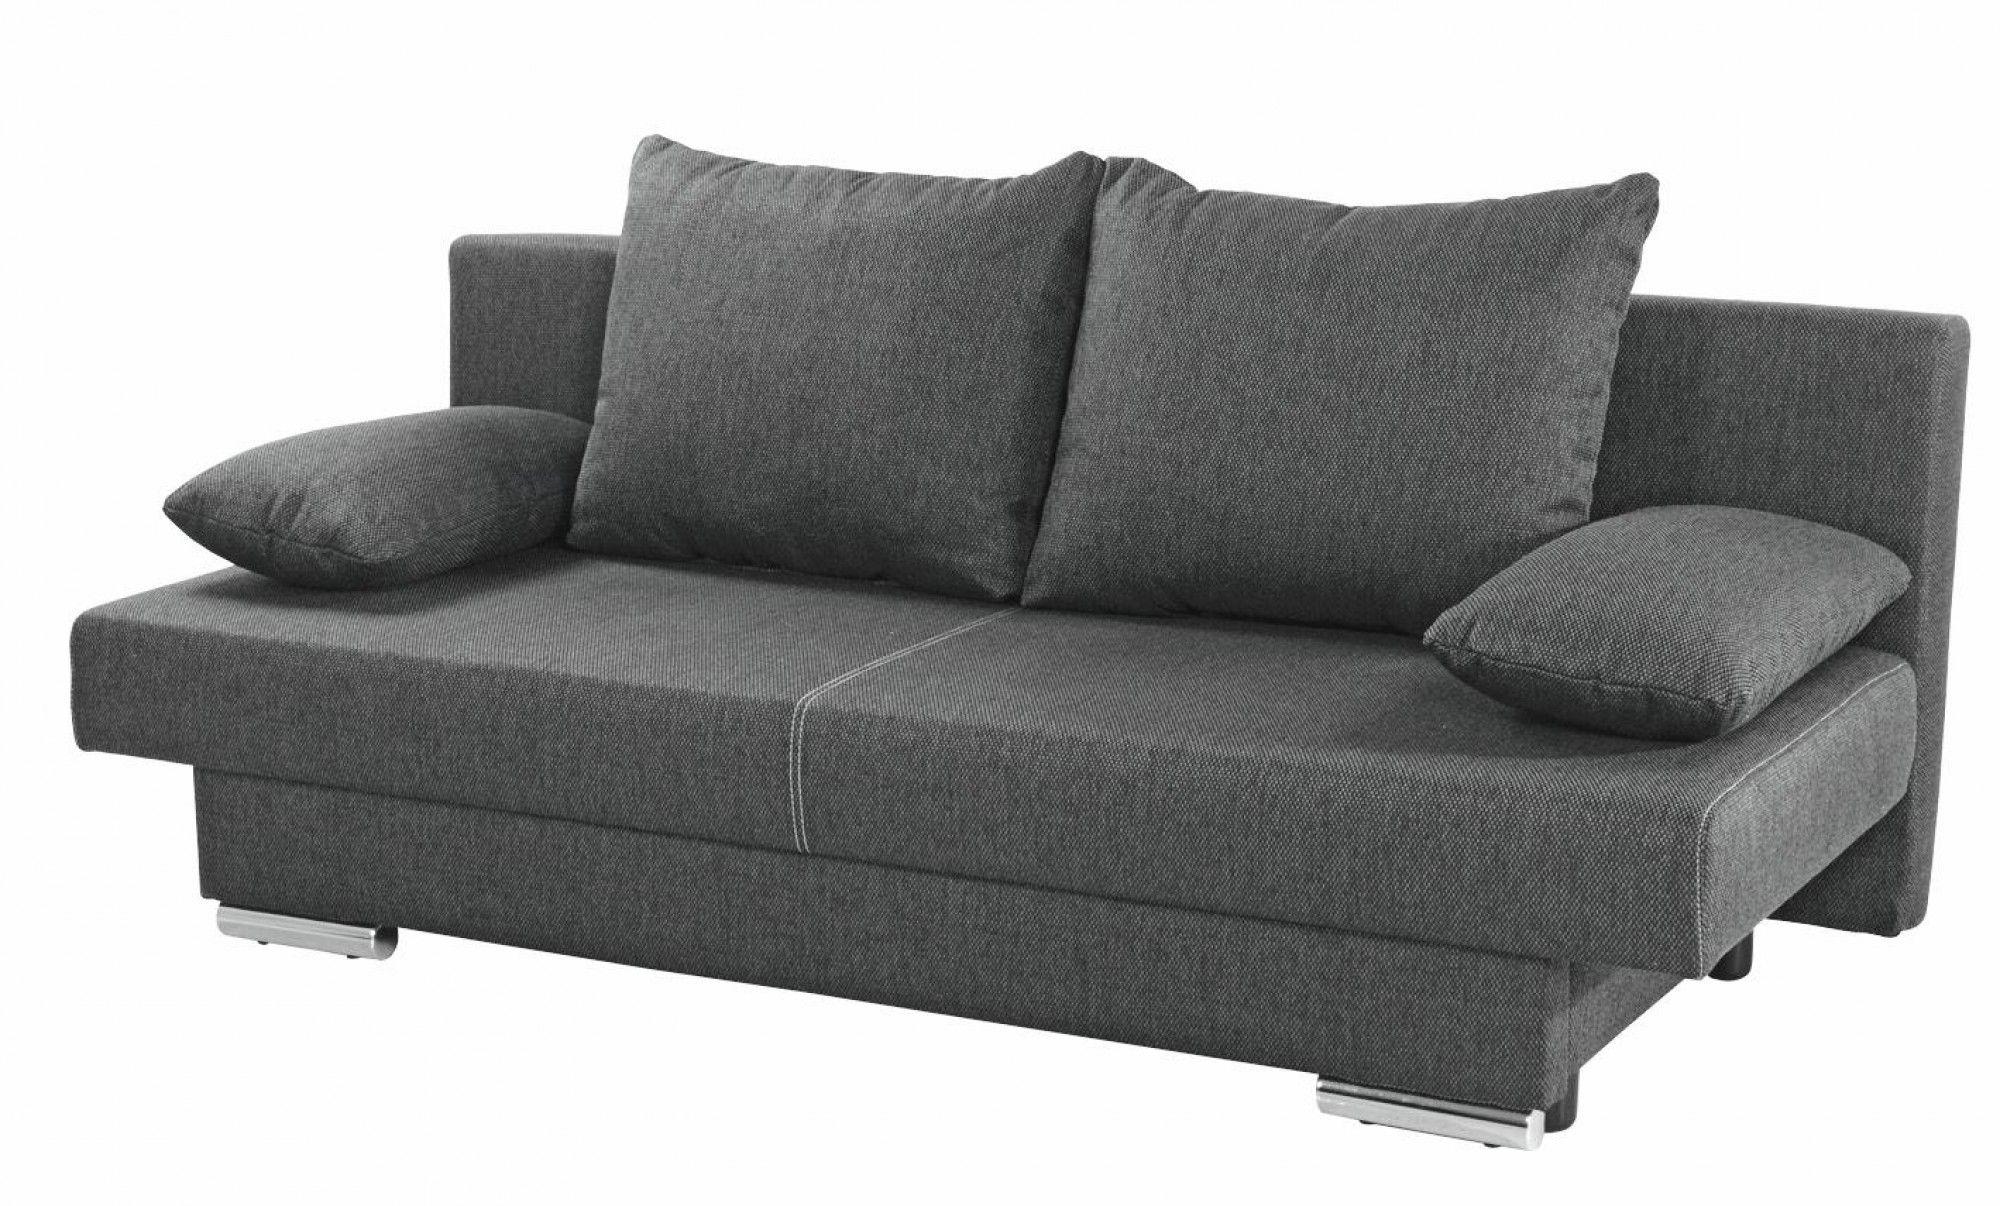 Full Size of Sofa Ohne Lehne Inspirierend 3 Sitzer Relaxfunktion Mit Abnehmbaren Bezug Antik Federkern Schlaffunktion Big Kaufen 2 1 Büffelleder Altes Copperfield Sofa Sofa Ohne Lehne